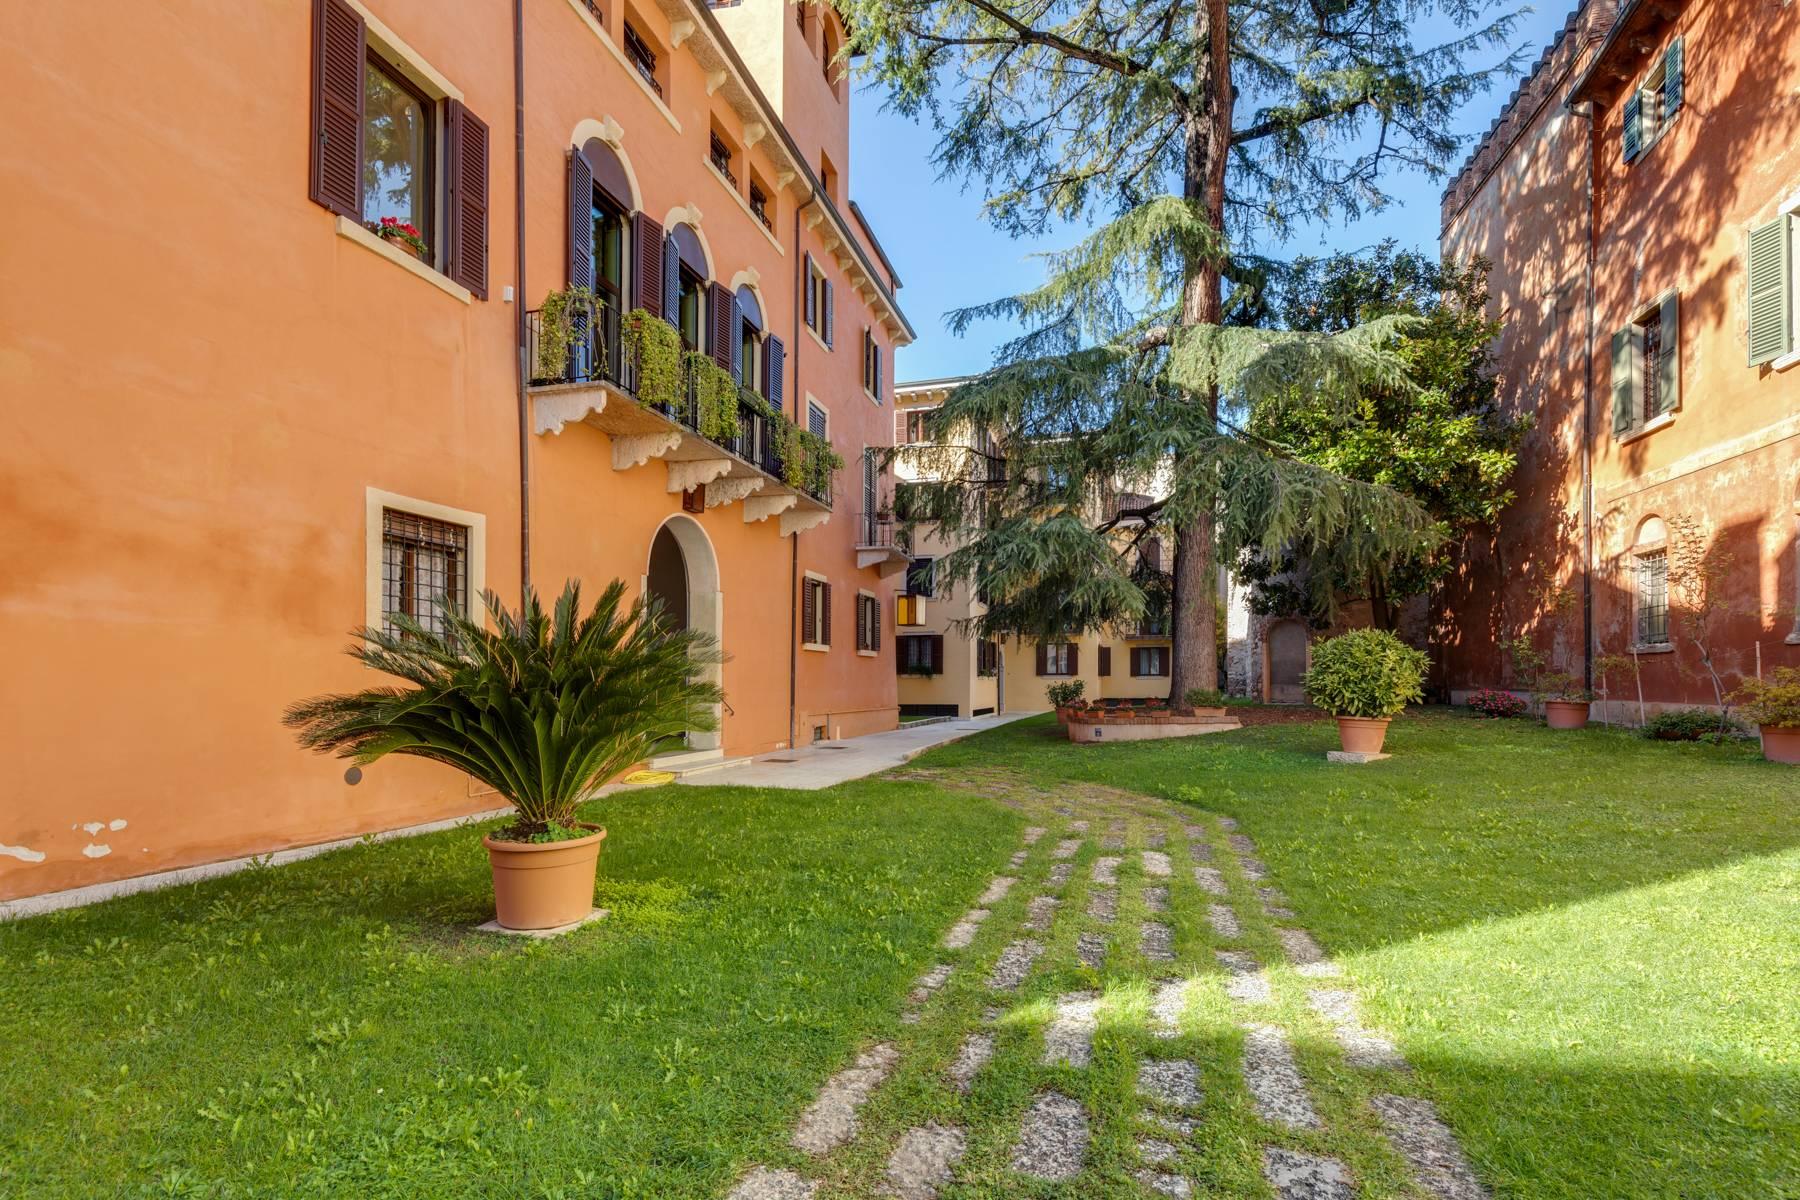 Attico in Vendita a Verona: 5 locali, 400 mq - Foto 2